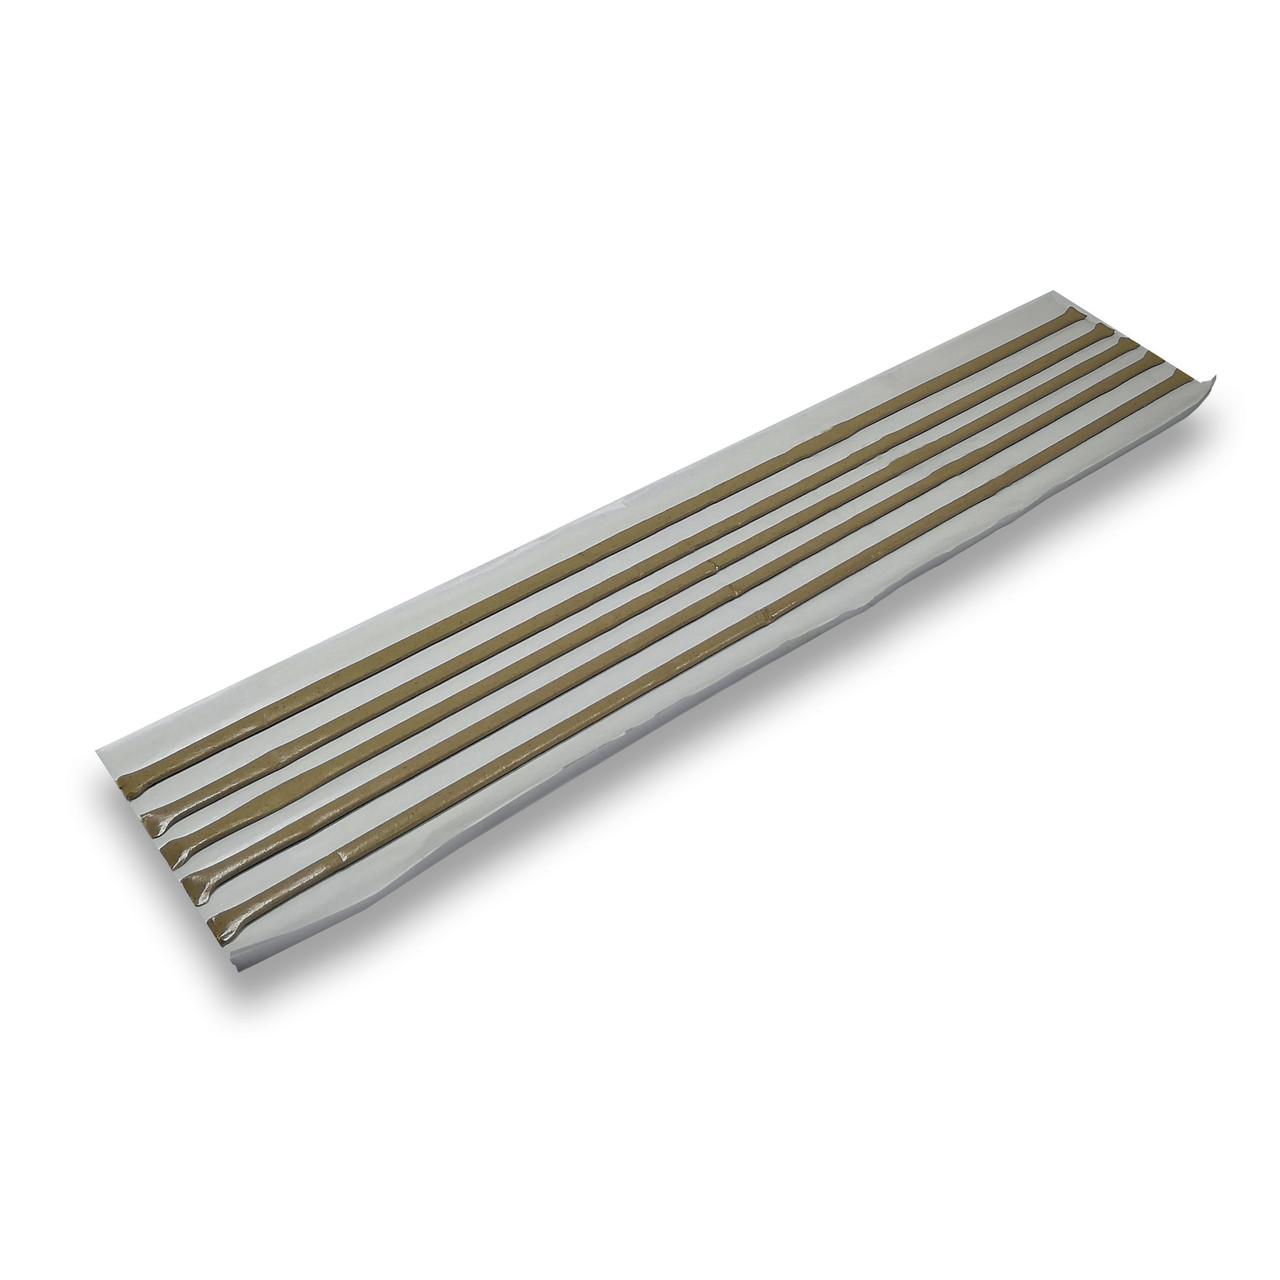 Герметизирующий шнур Ø 8 мм х 2,5 м серый